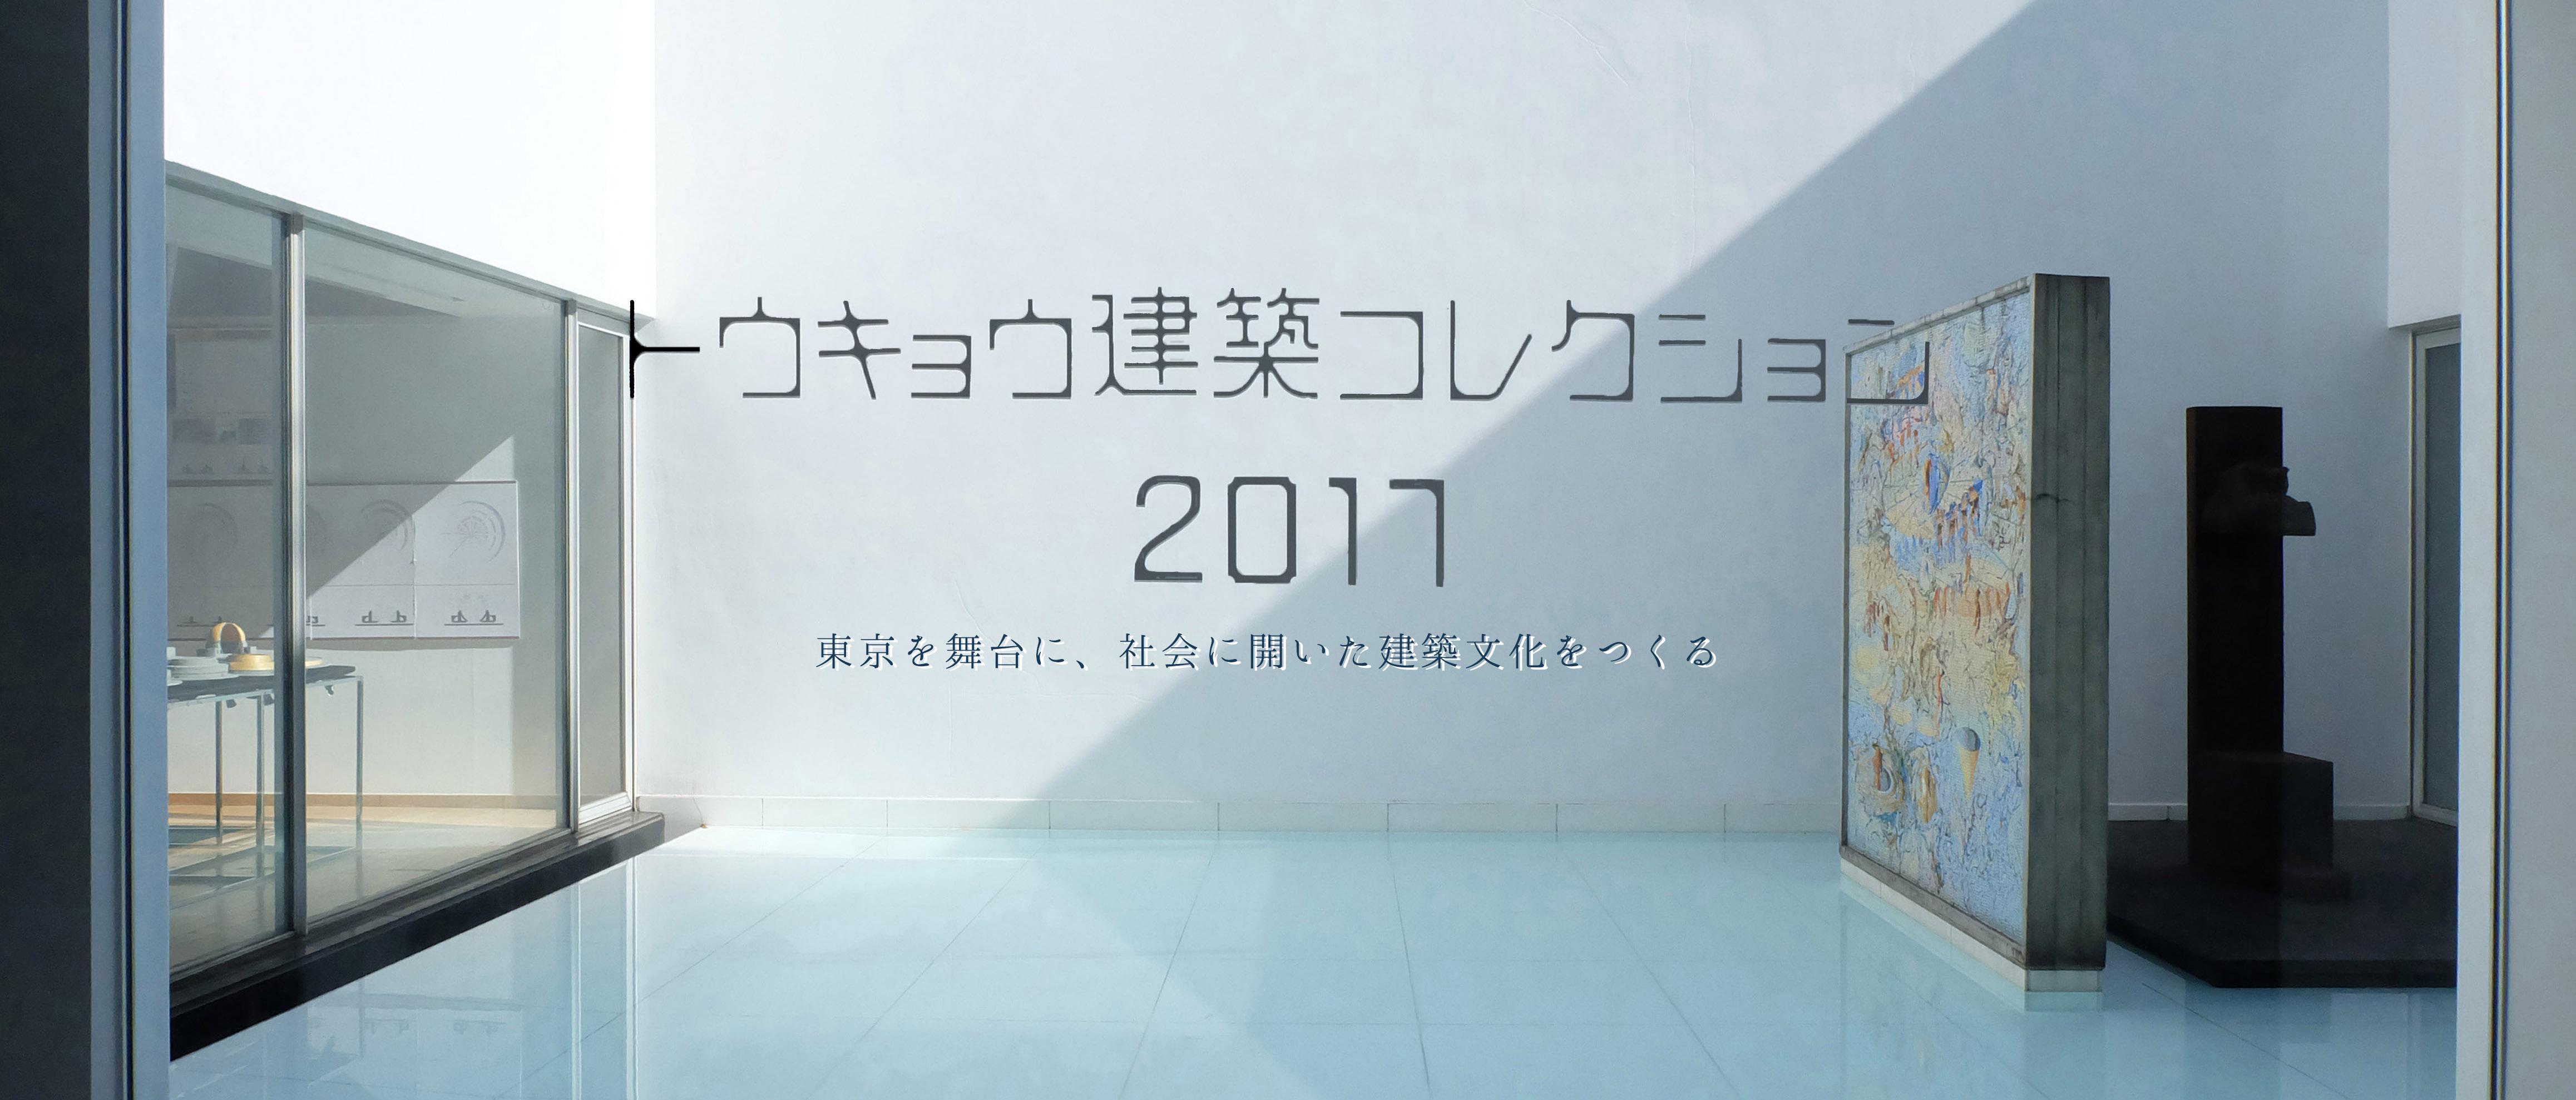 トウキョウ建築コレクション2017【受賞者特別インタビュー掲載】